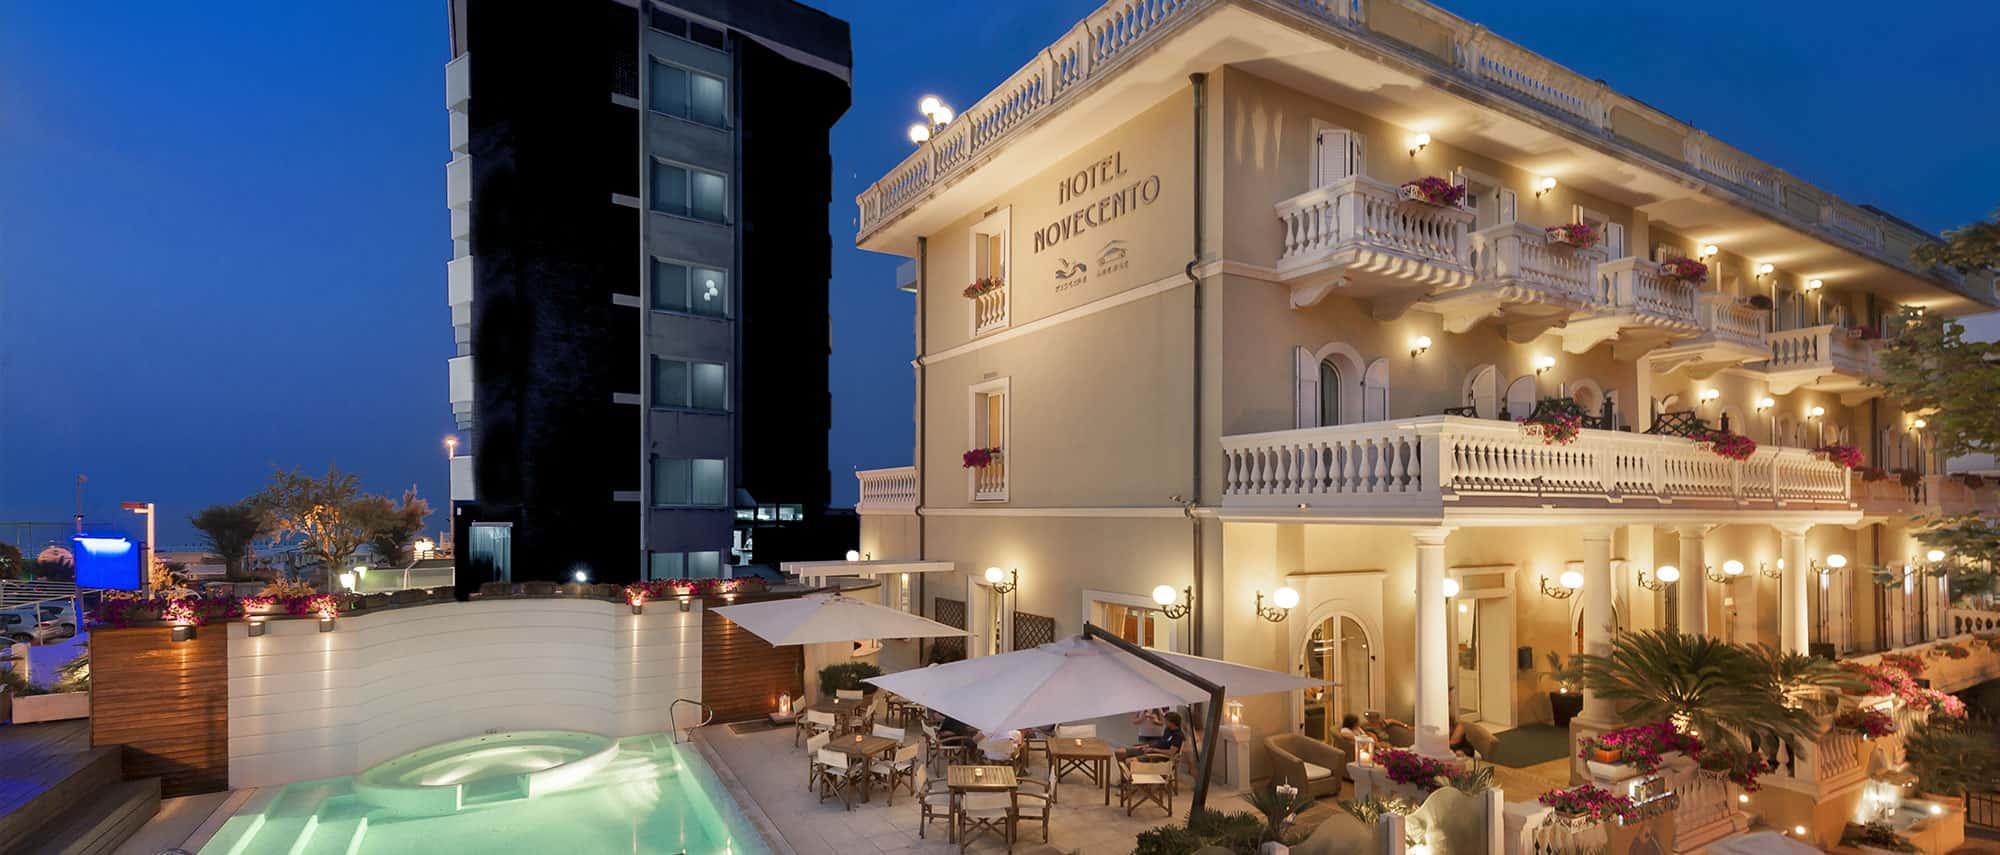 Hotel sul mare riccione 3 stelle per famiglie dimora d for Hotel a barcellona 3 stelle